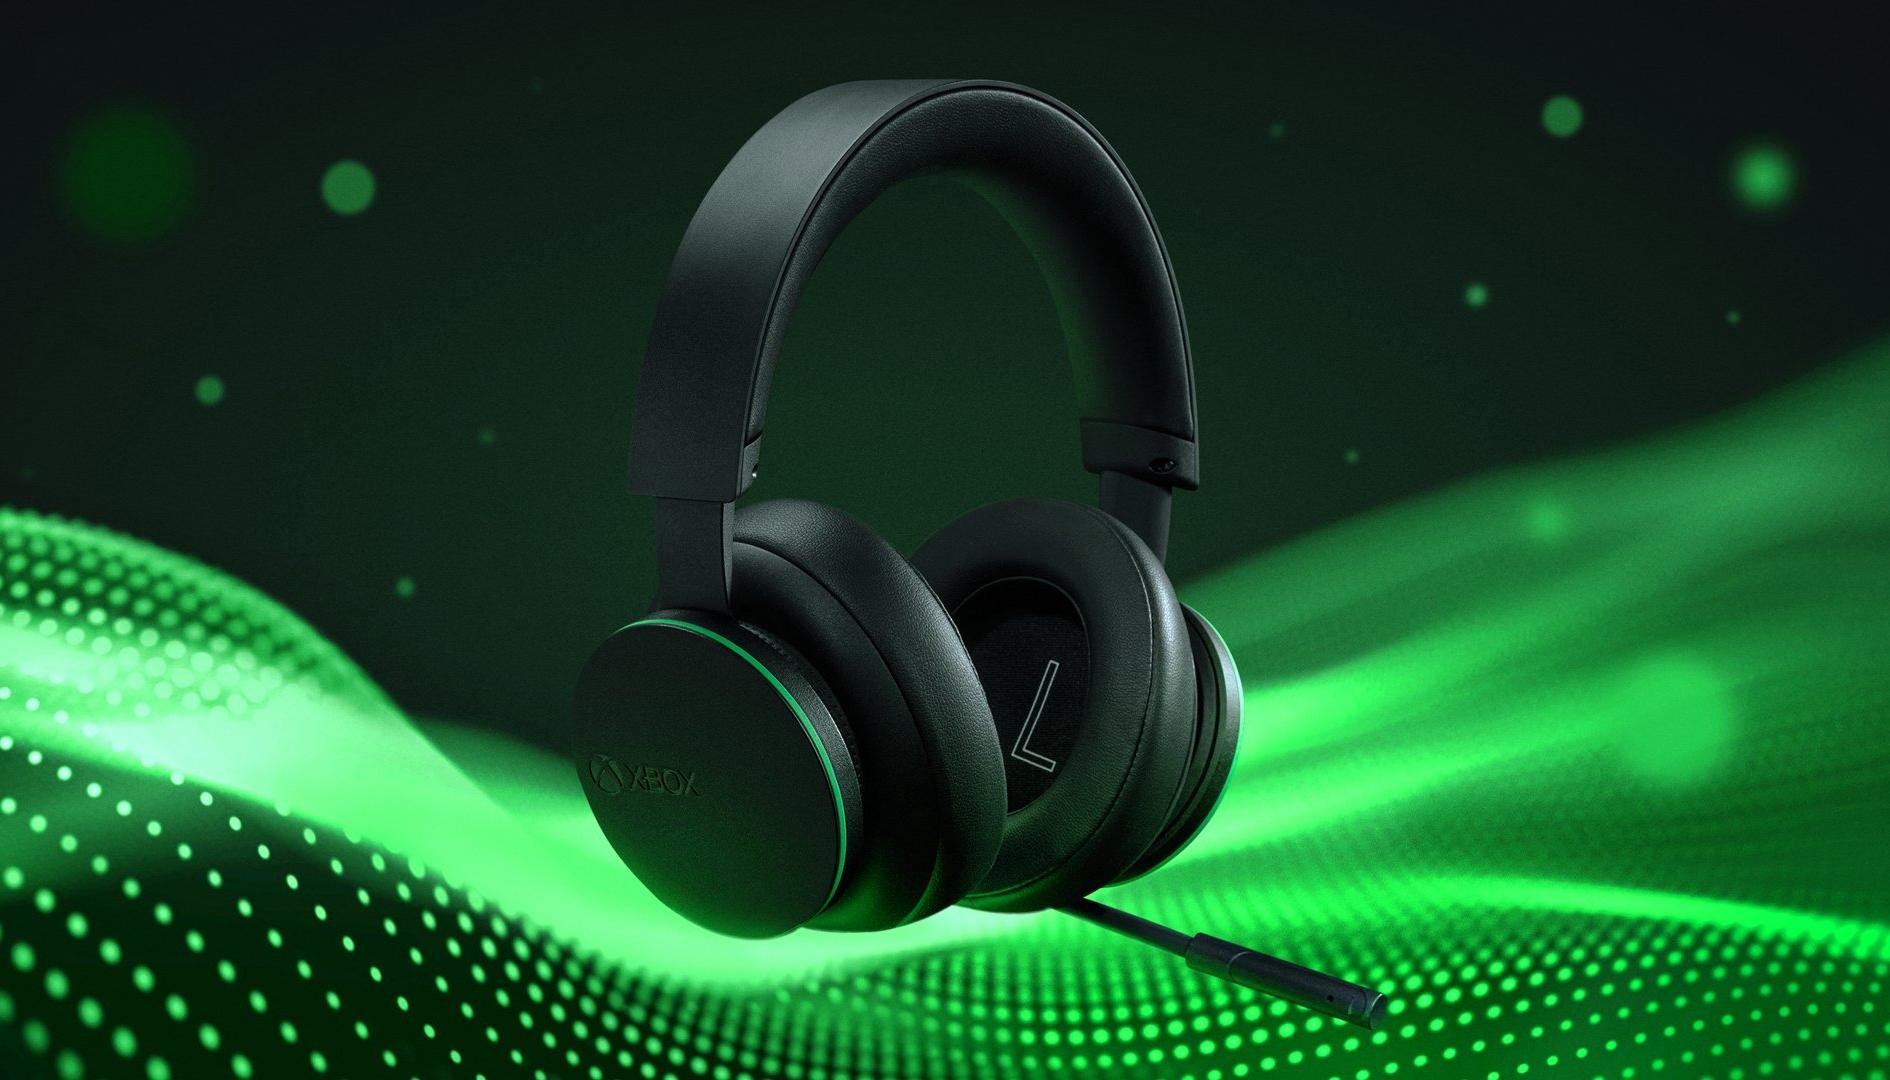 Xbox Wireless Headset: avviso relativo ad un visore VR, cosa sarà?